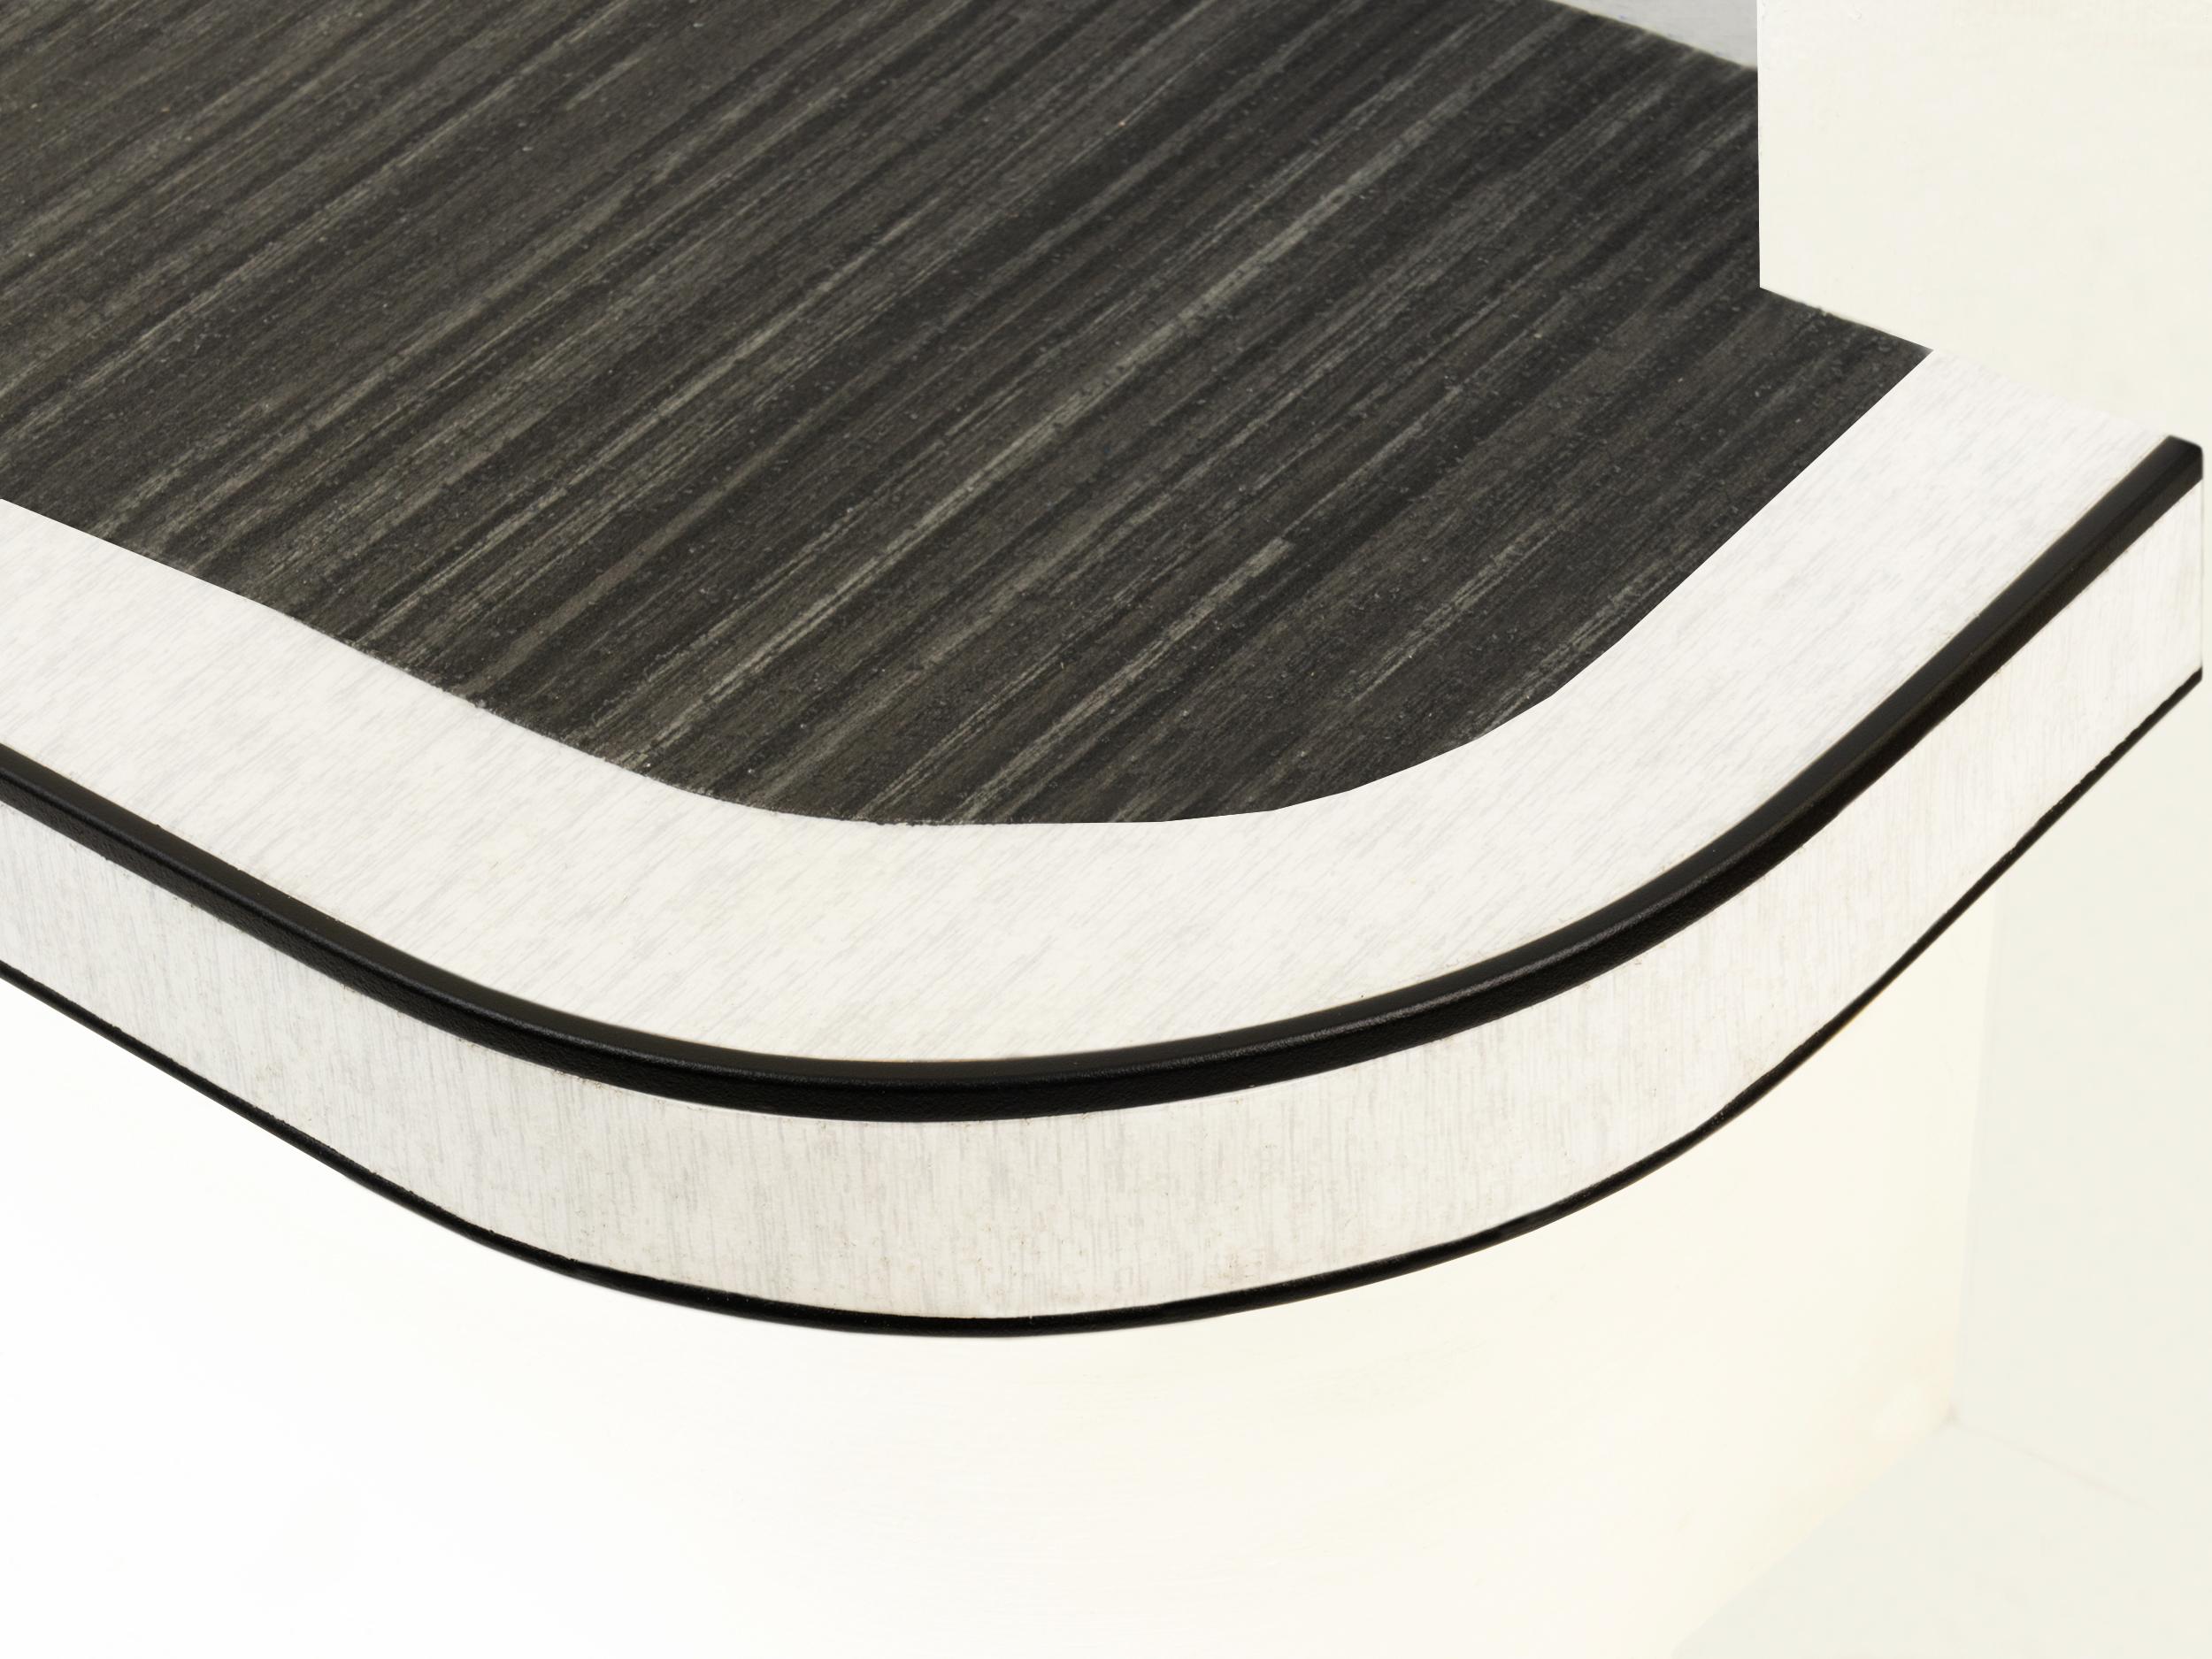 stairrods-safety-floor-black-bendy-bull.jpg